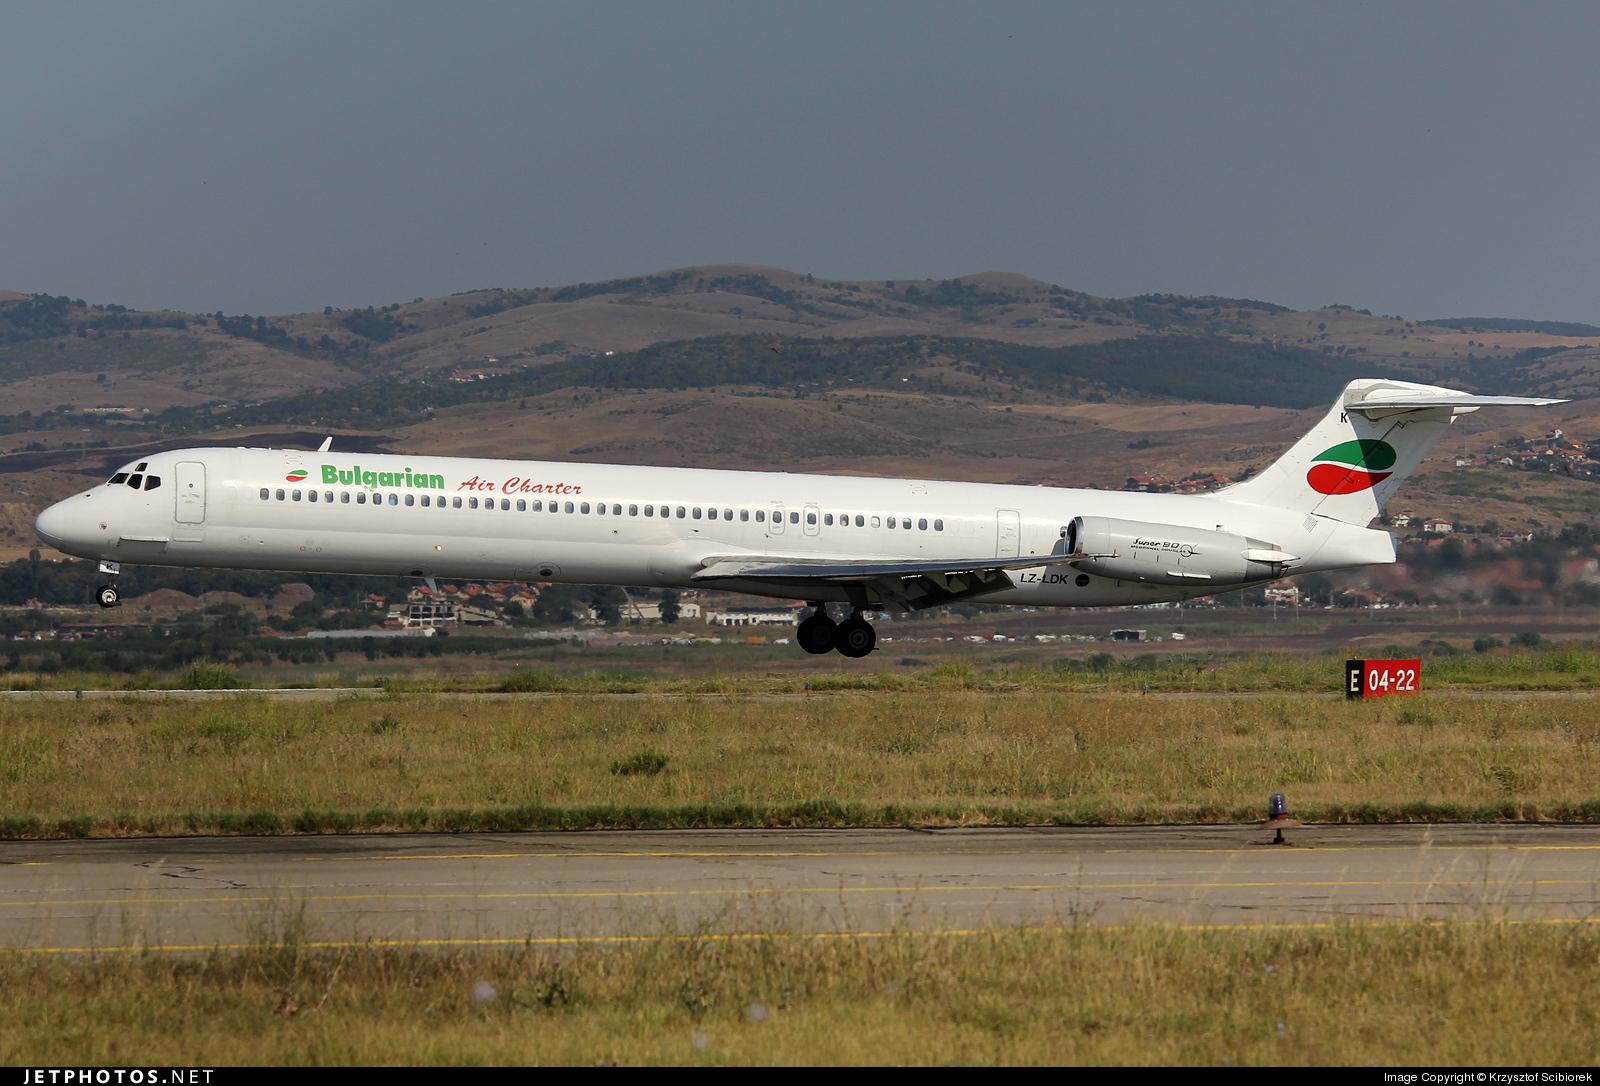 Photo of LZ-LDK McDonnell Douglas MD-82 by Krzysztof Scibiorek